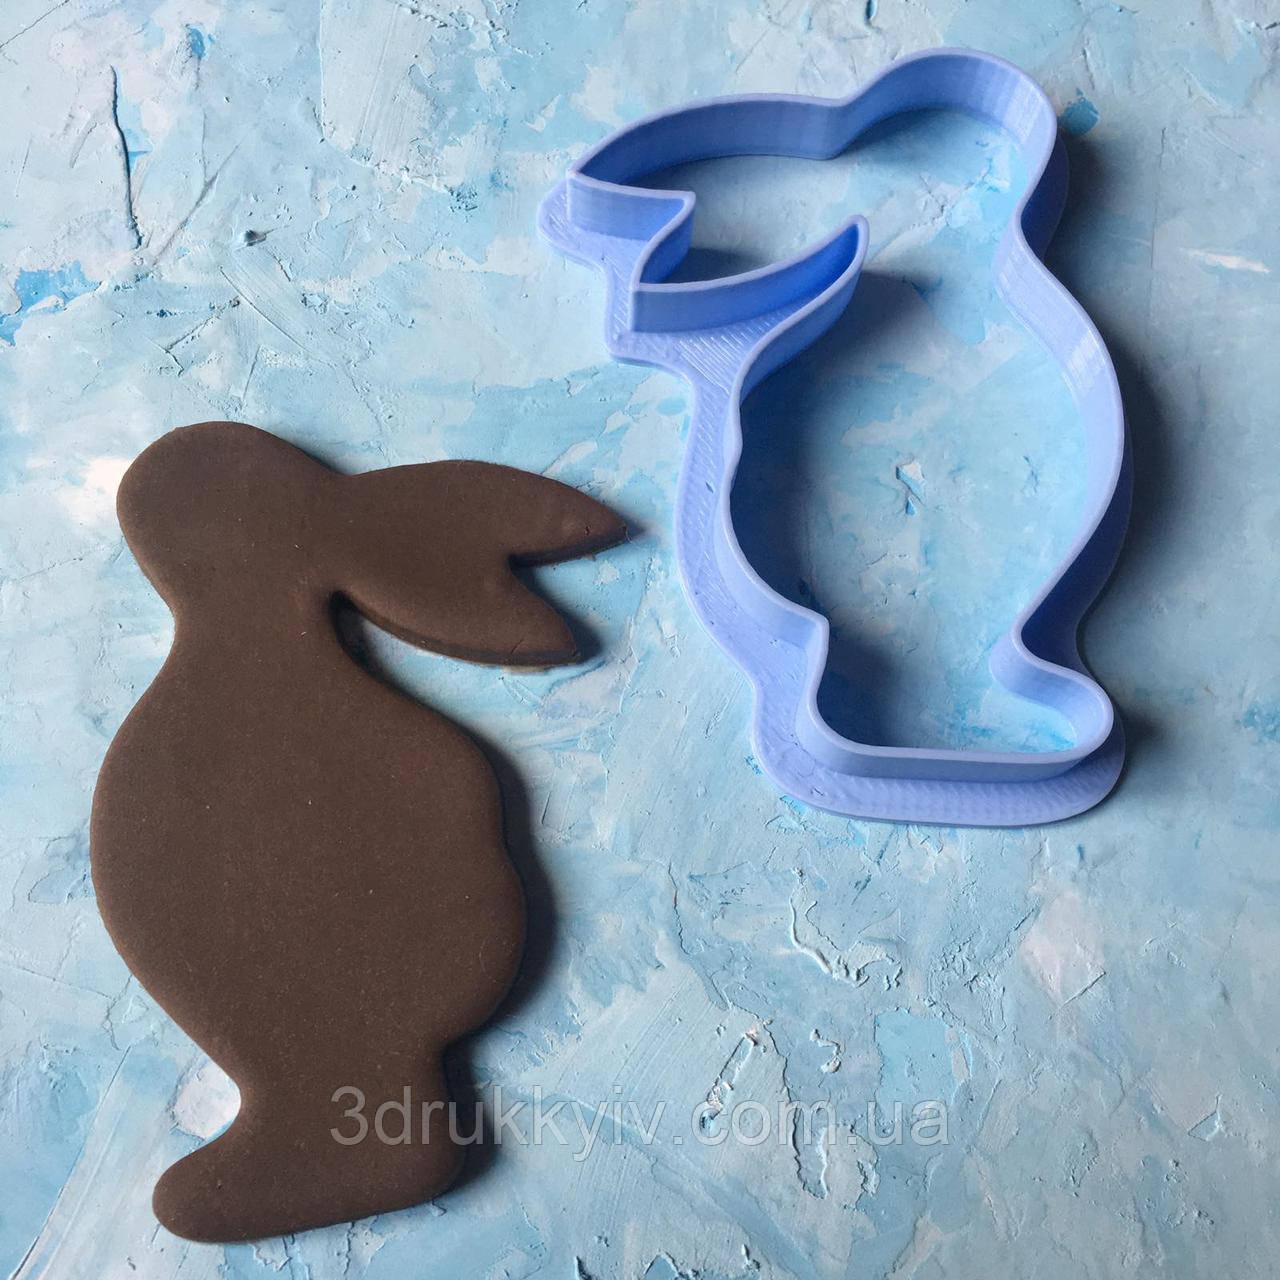 """Вирубка """"Пасхальний кролик #16"""" / Вырубка - формочка для пряников """"Пасхальный кролик #16"""""""